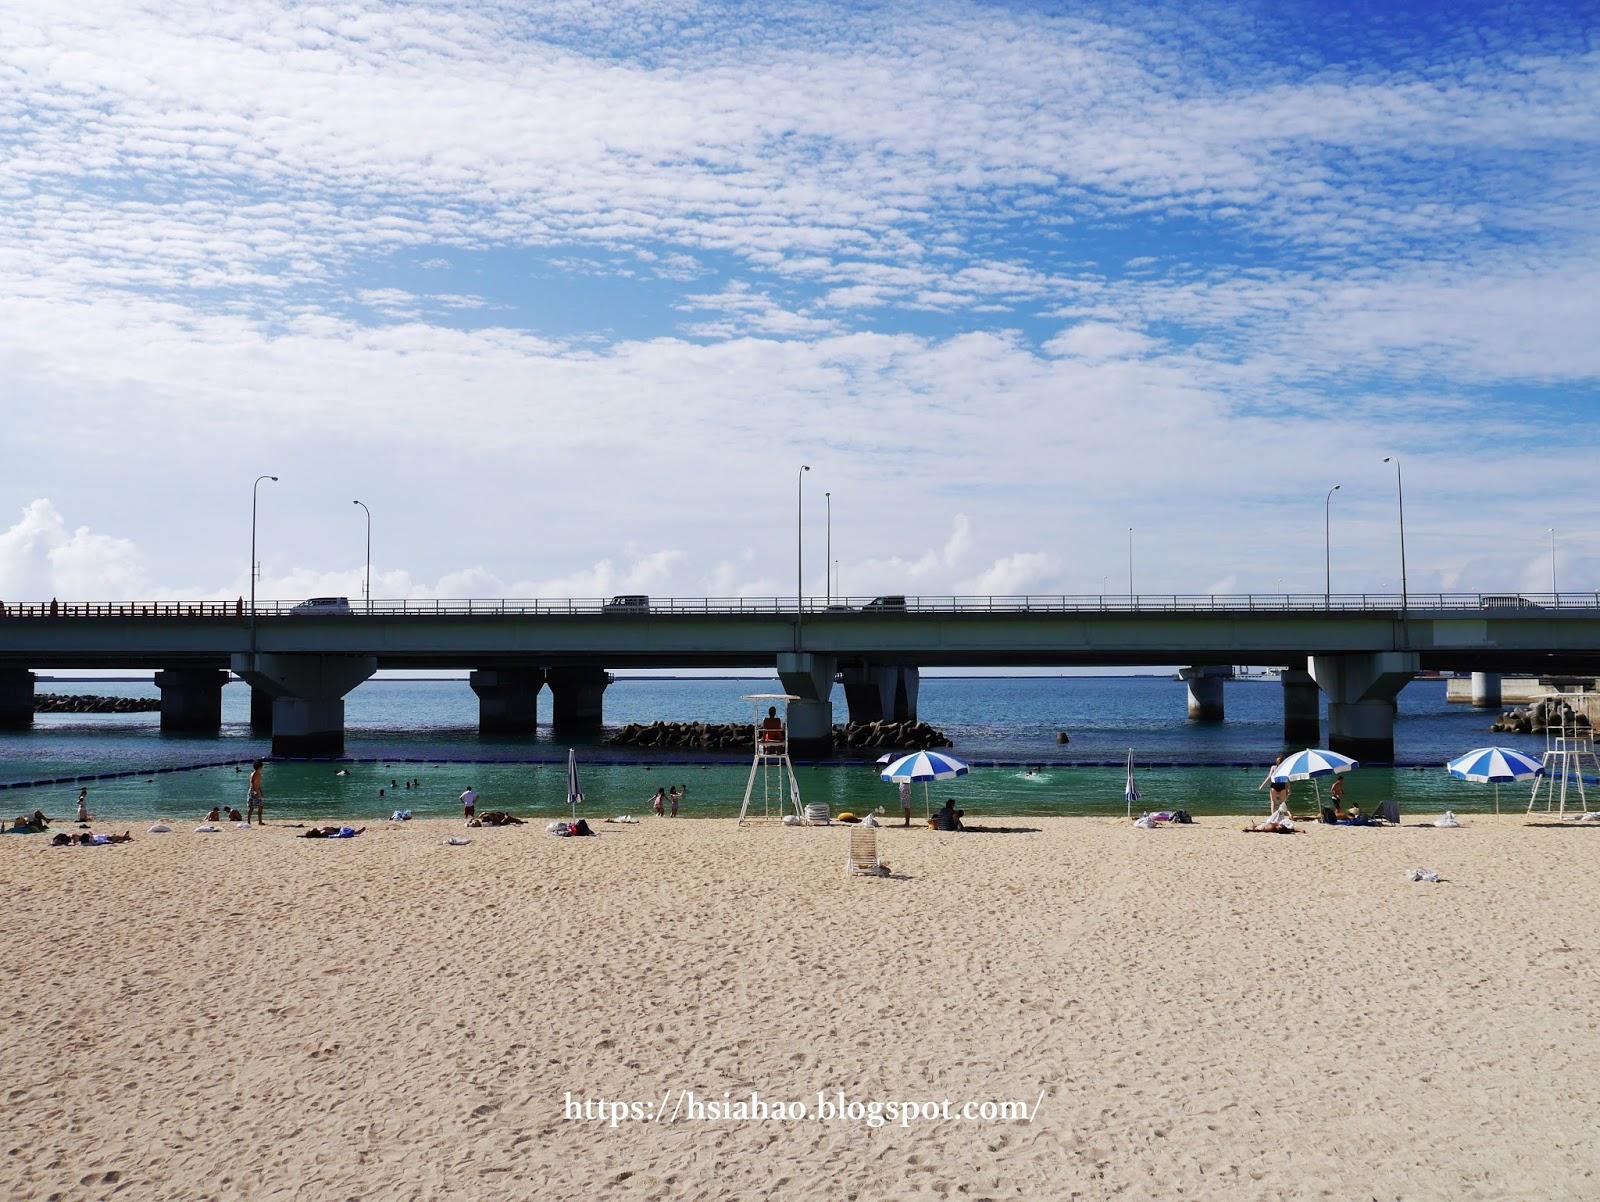 沖繩-那霸-景點-波之上海灘-自由行-旅遊-Okinawa-Naha-beach